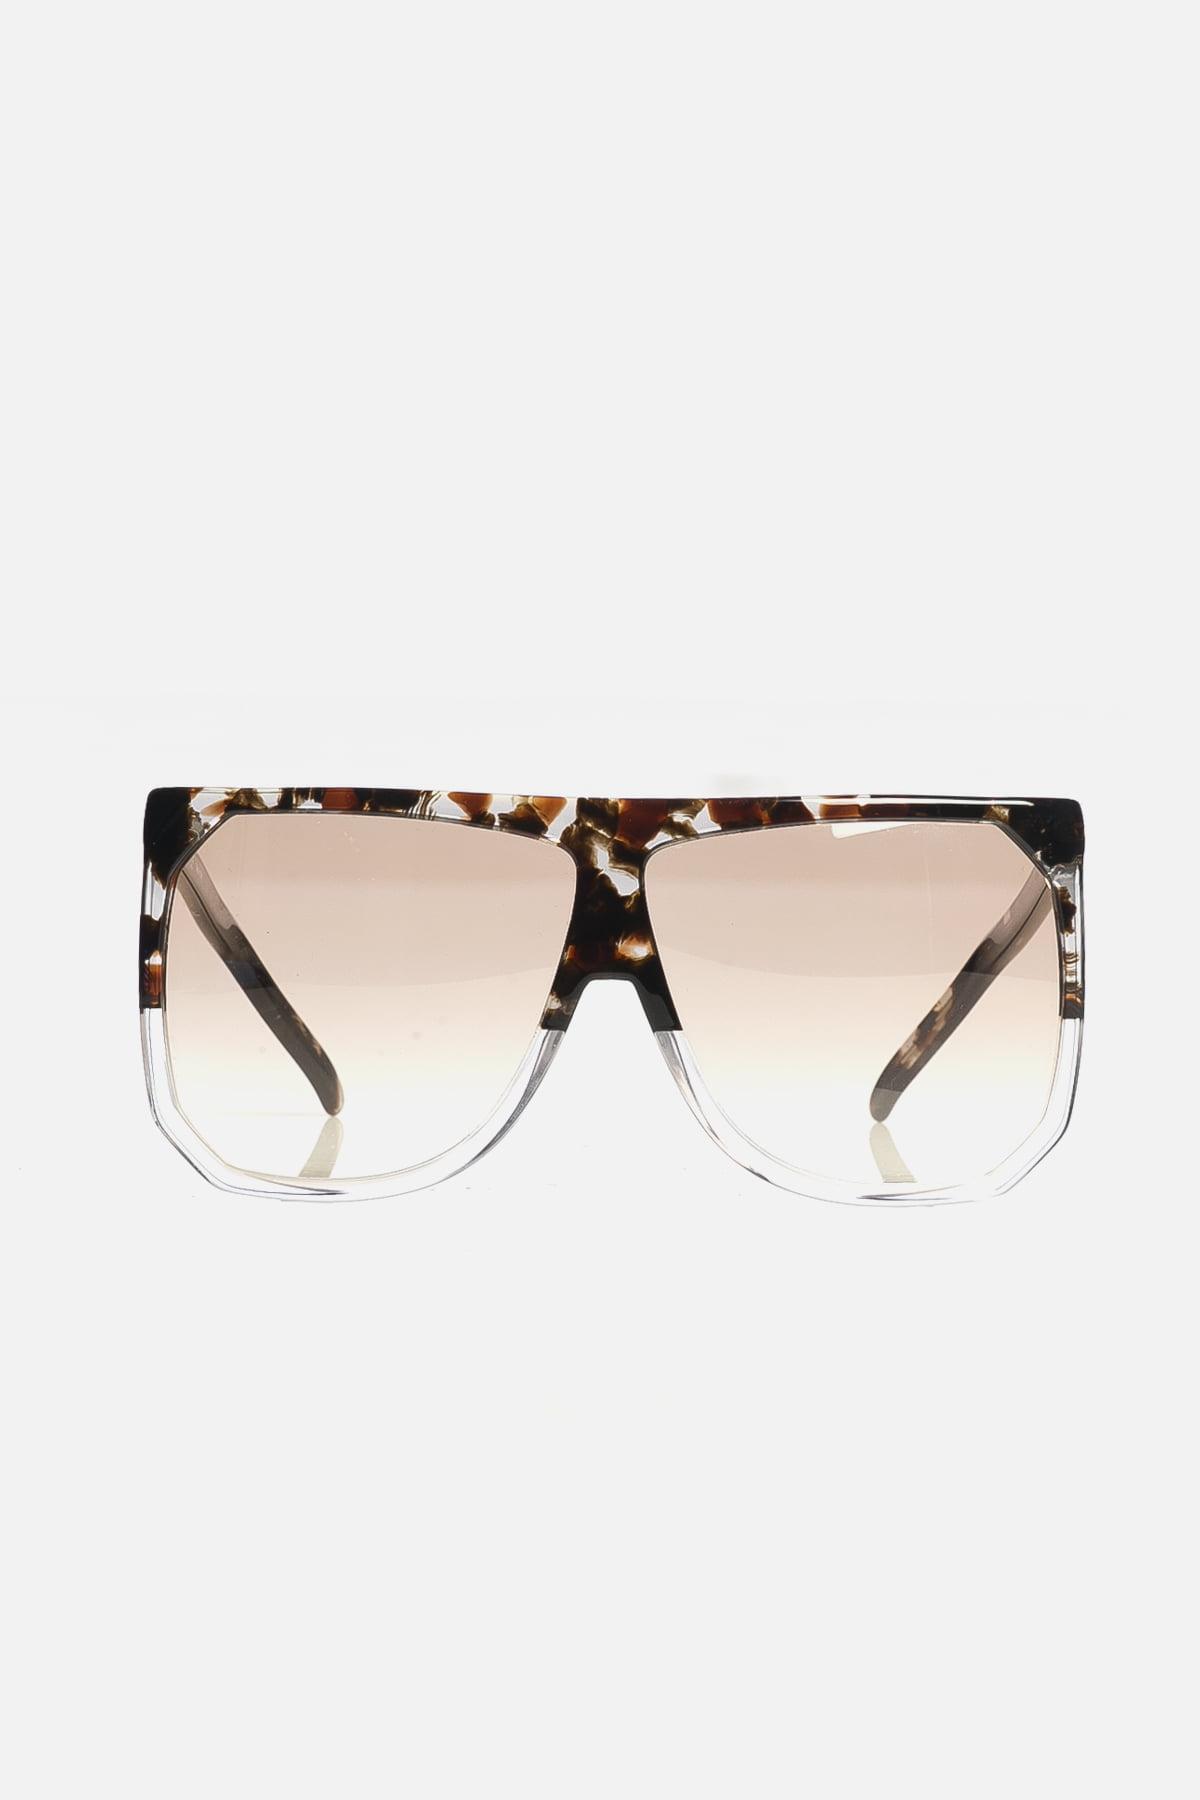 Loewe Shield Gradient Sunglasses REWAY 1